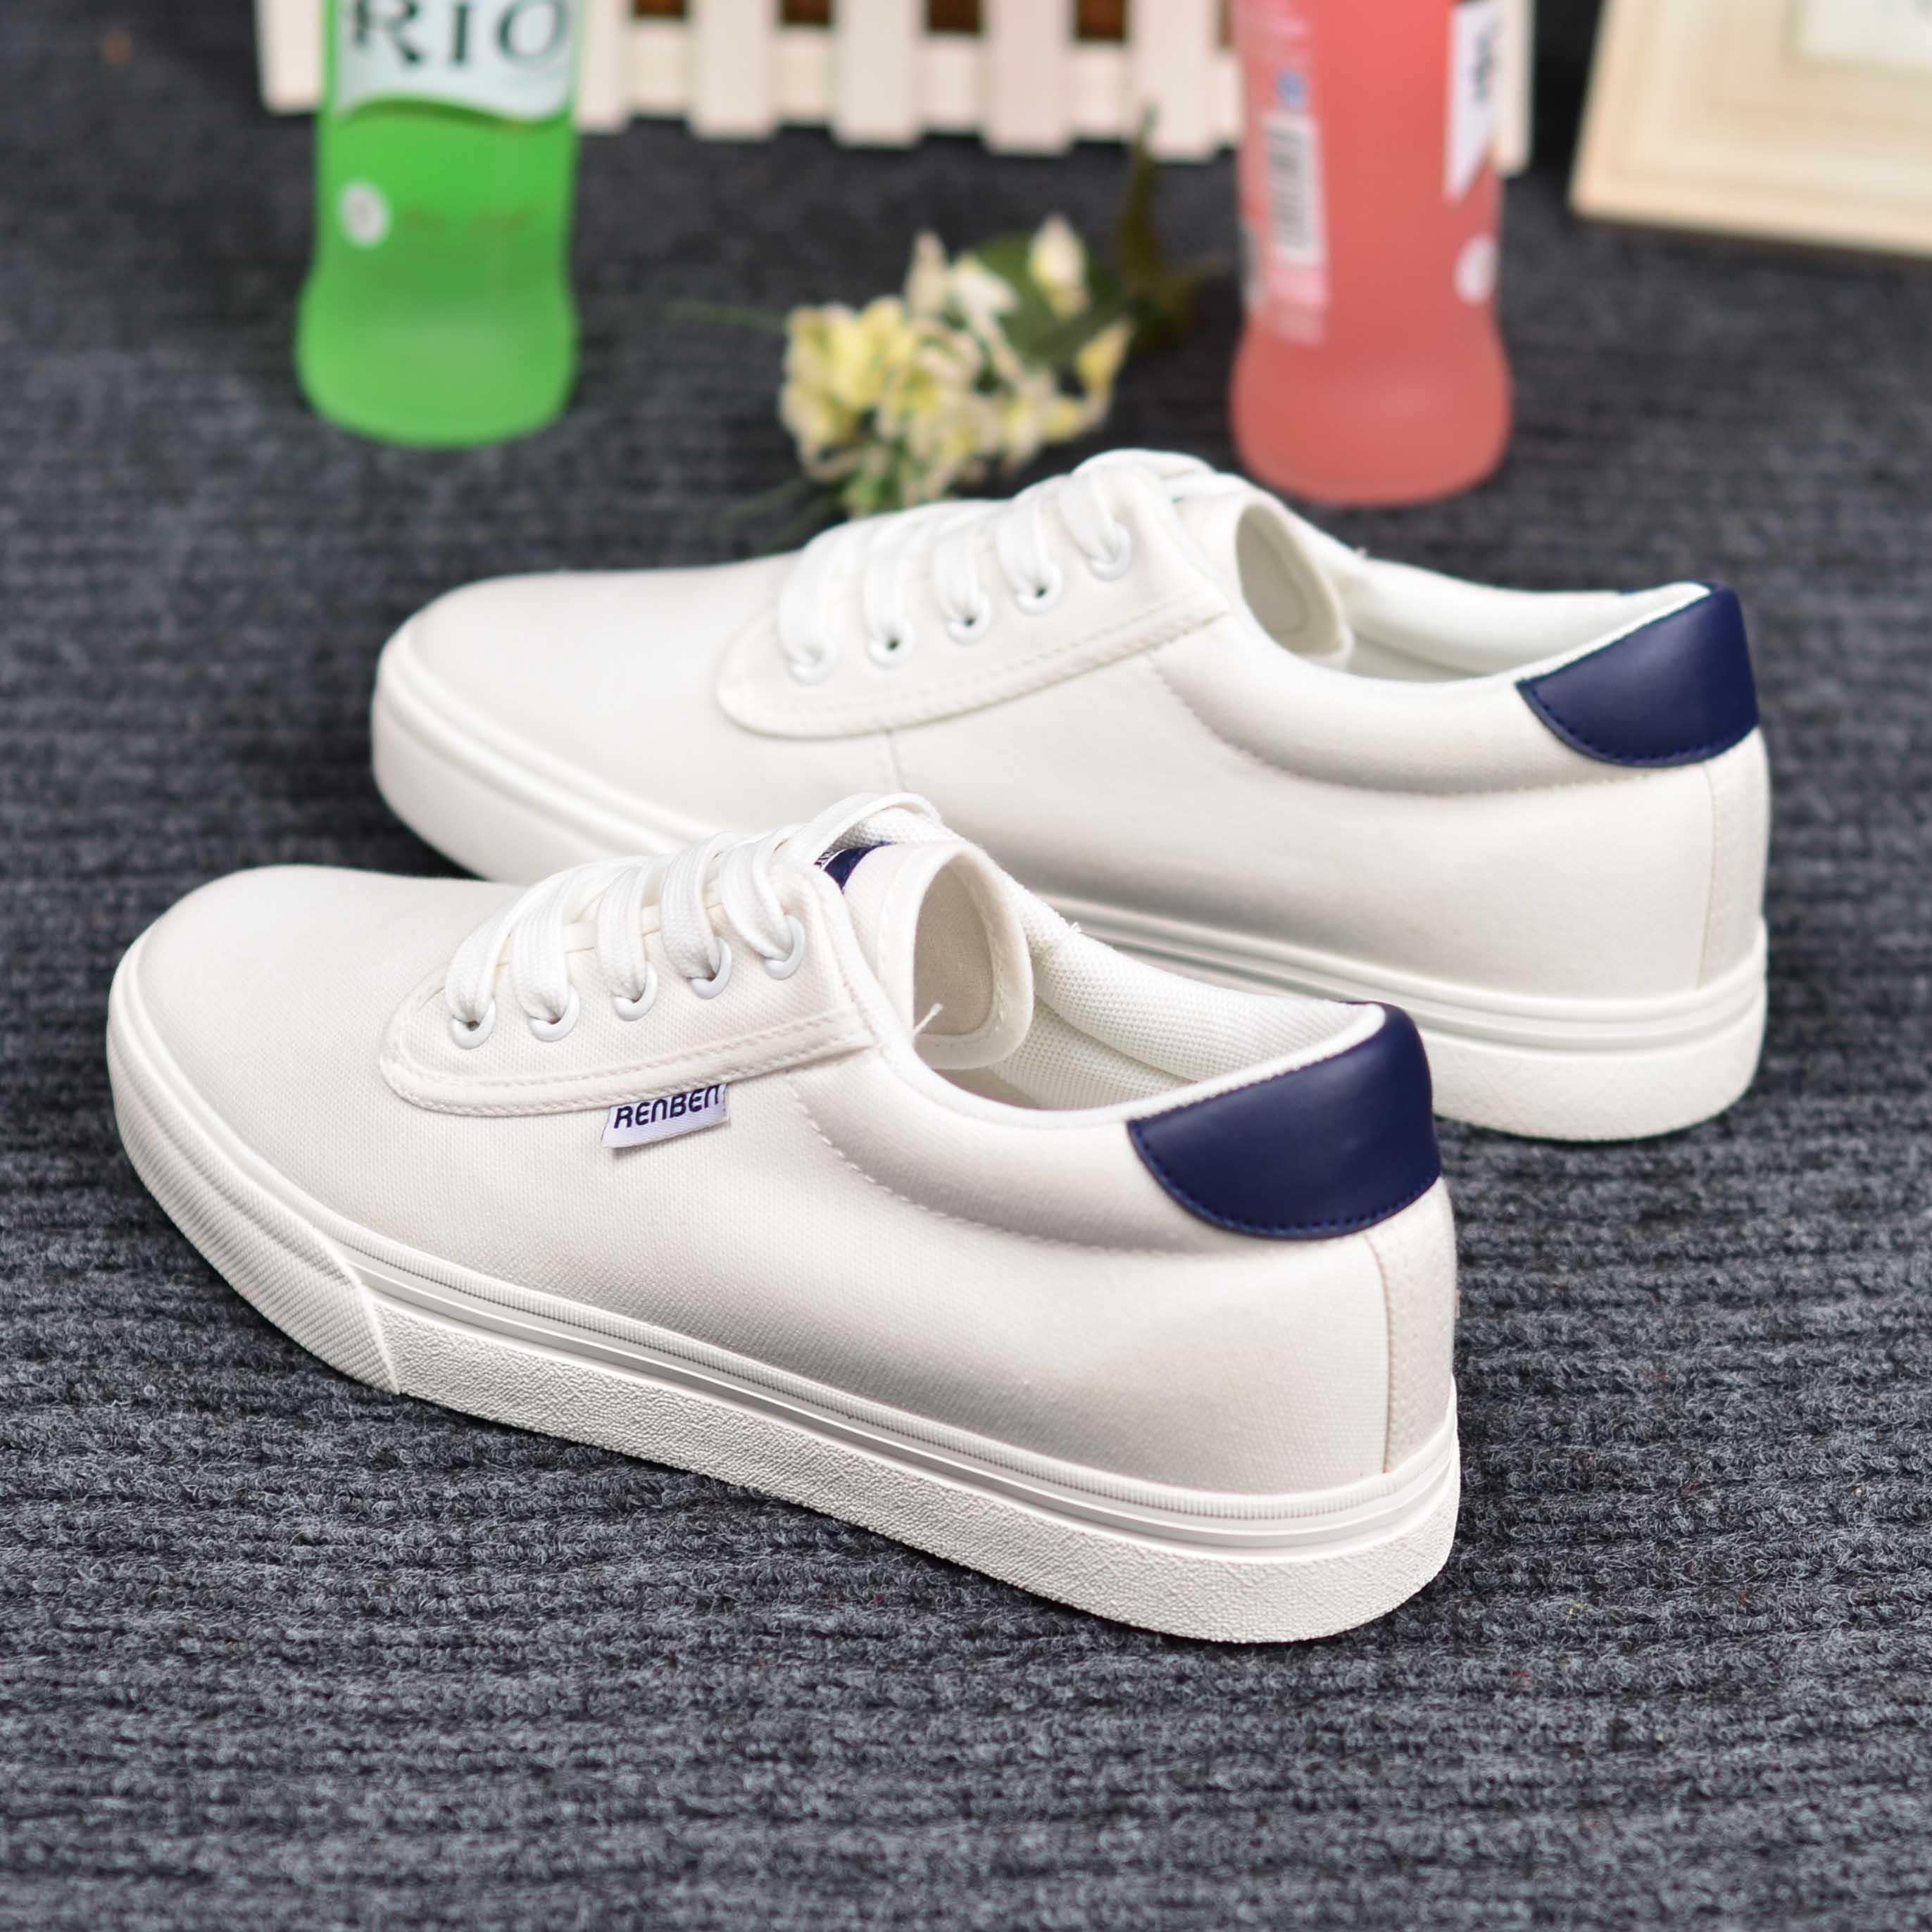 小白鞋平底韩版潮 低帮鞋学生 帆布鞋春季 鞋子休闲